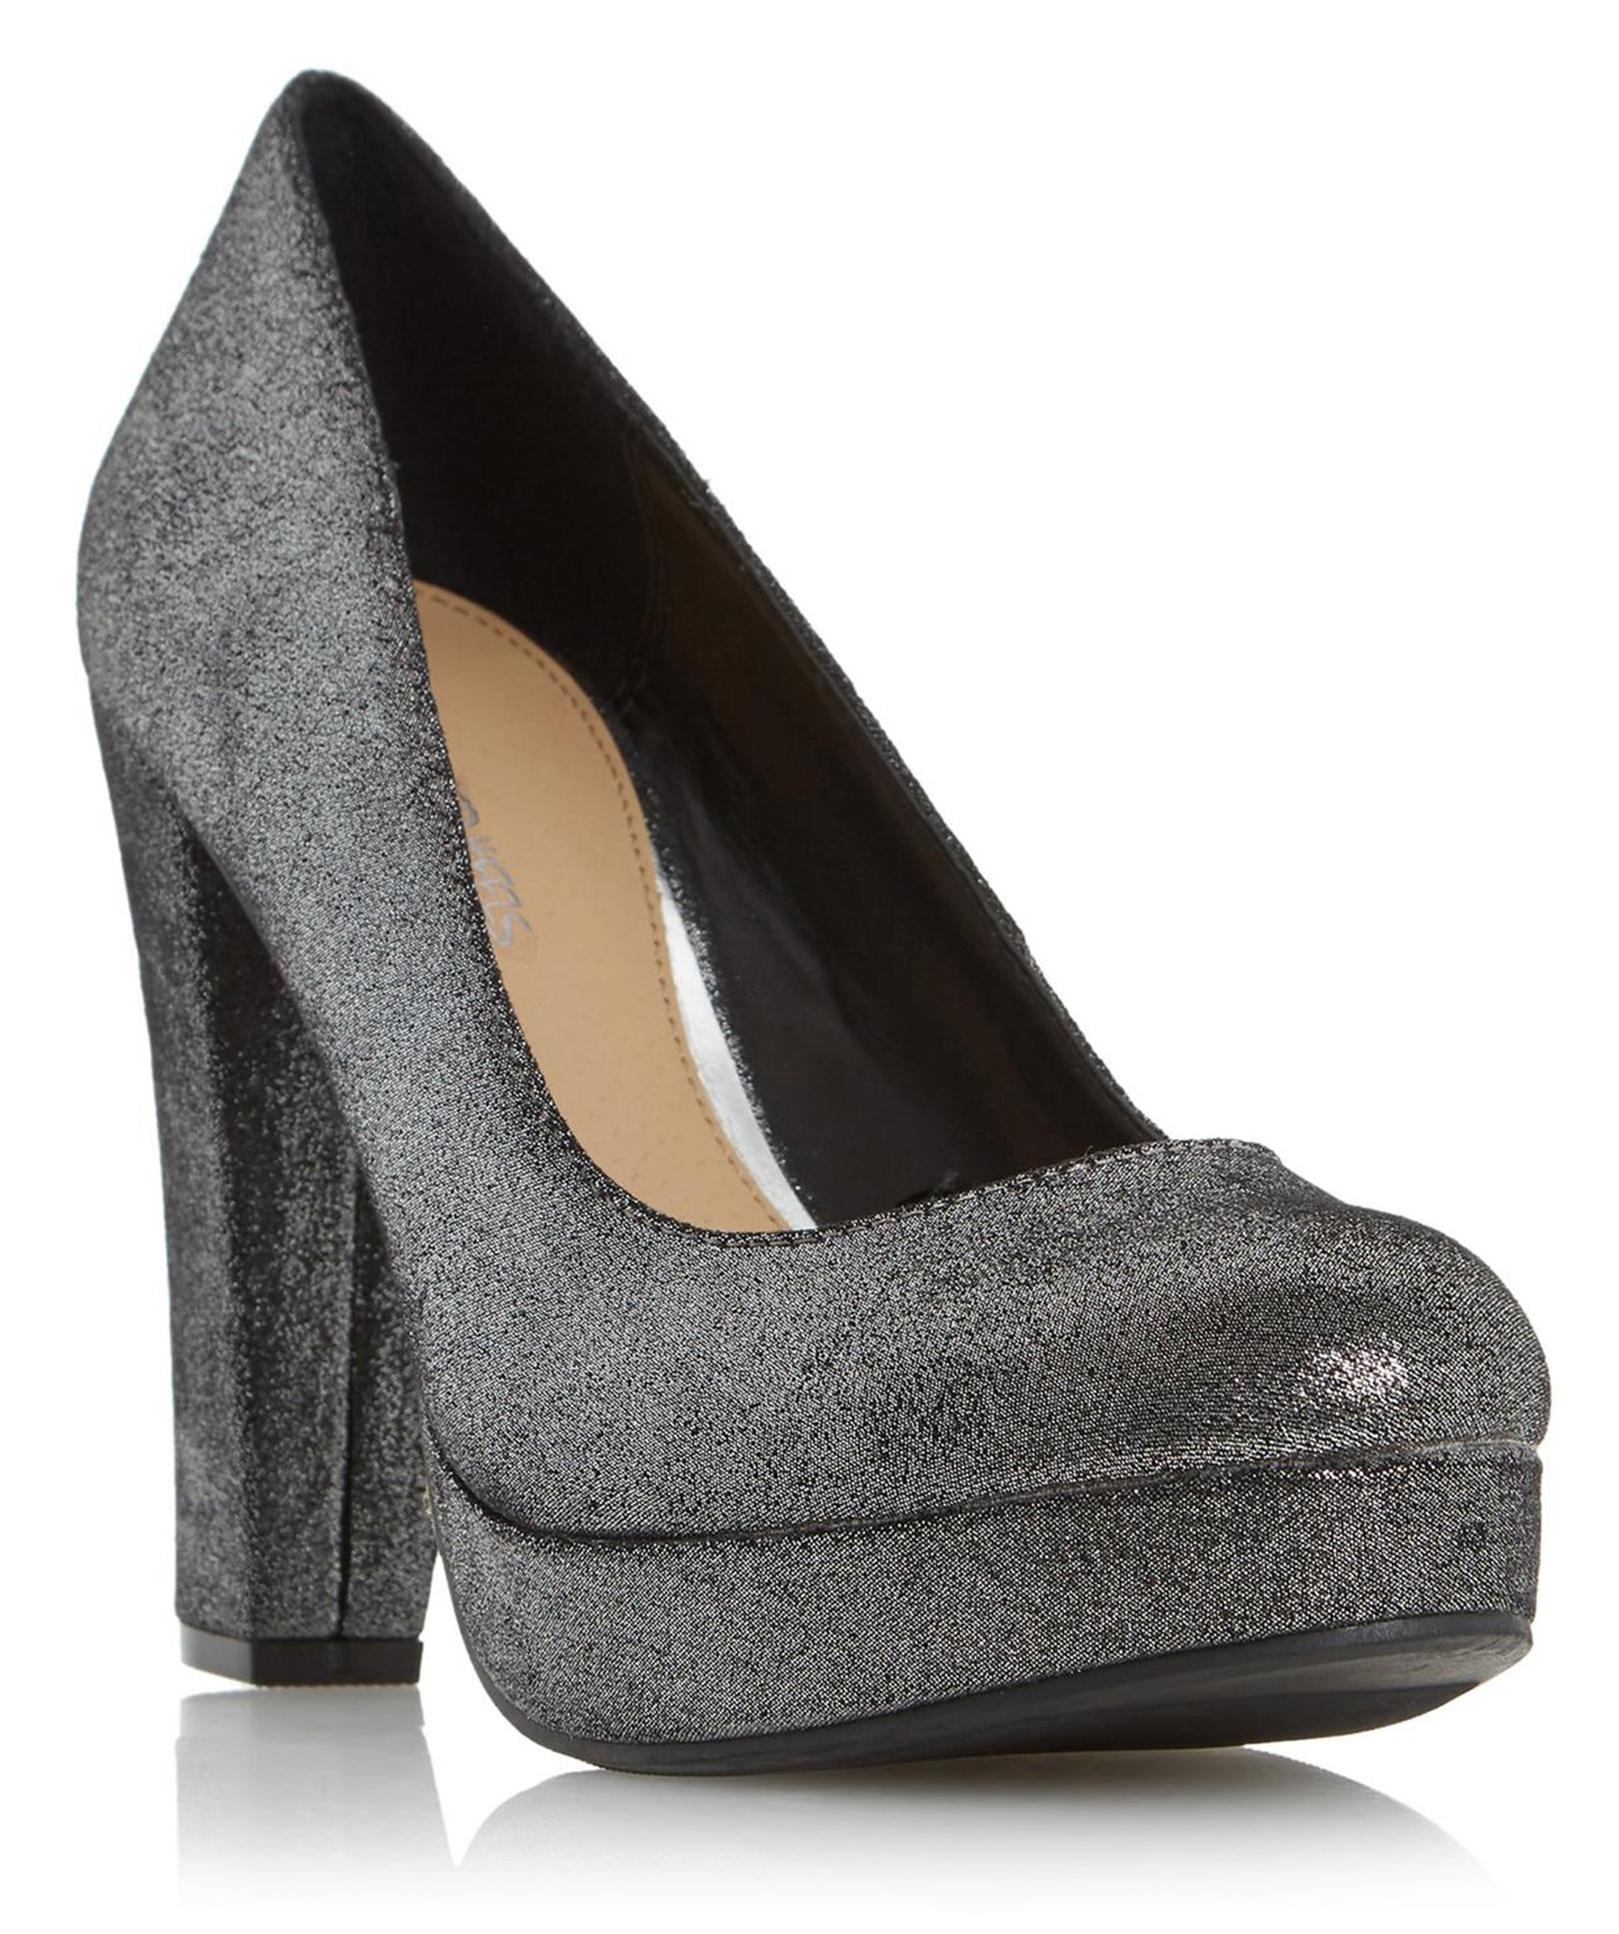 کفش پاشنه بلند زنانه - هد اور هیلز بای دون لندن main 1 8